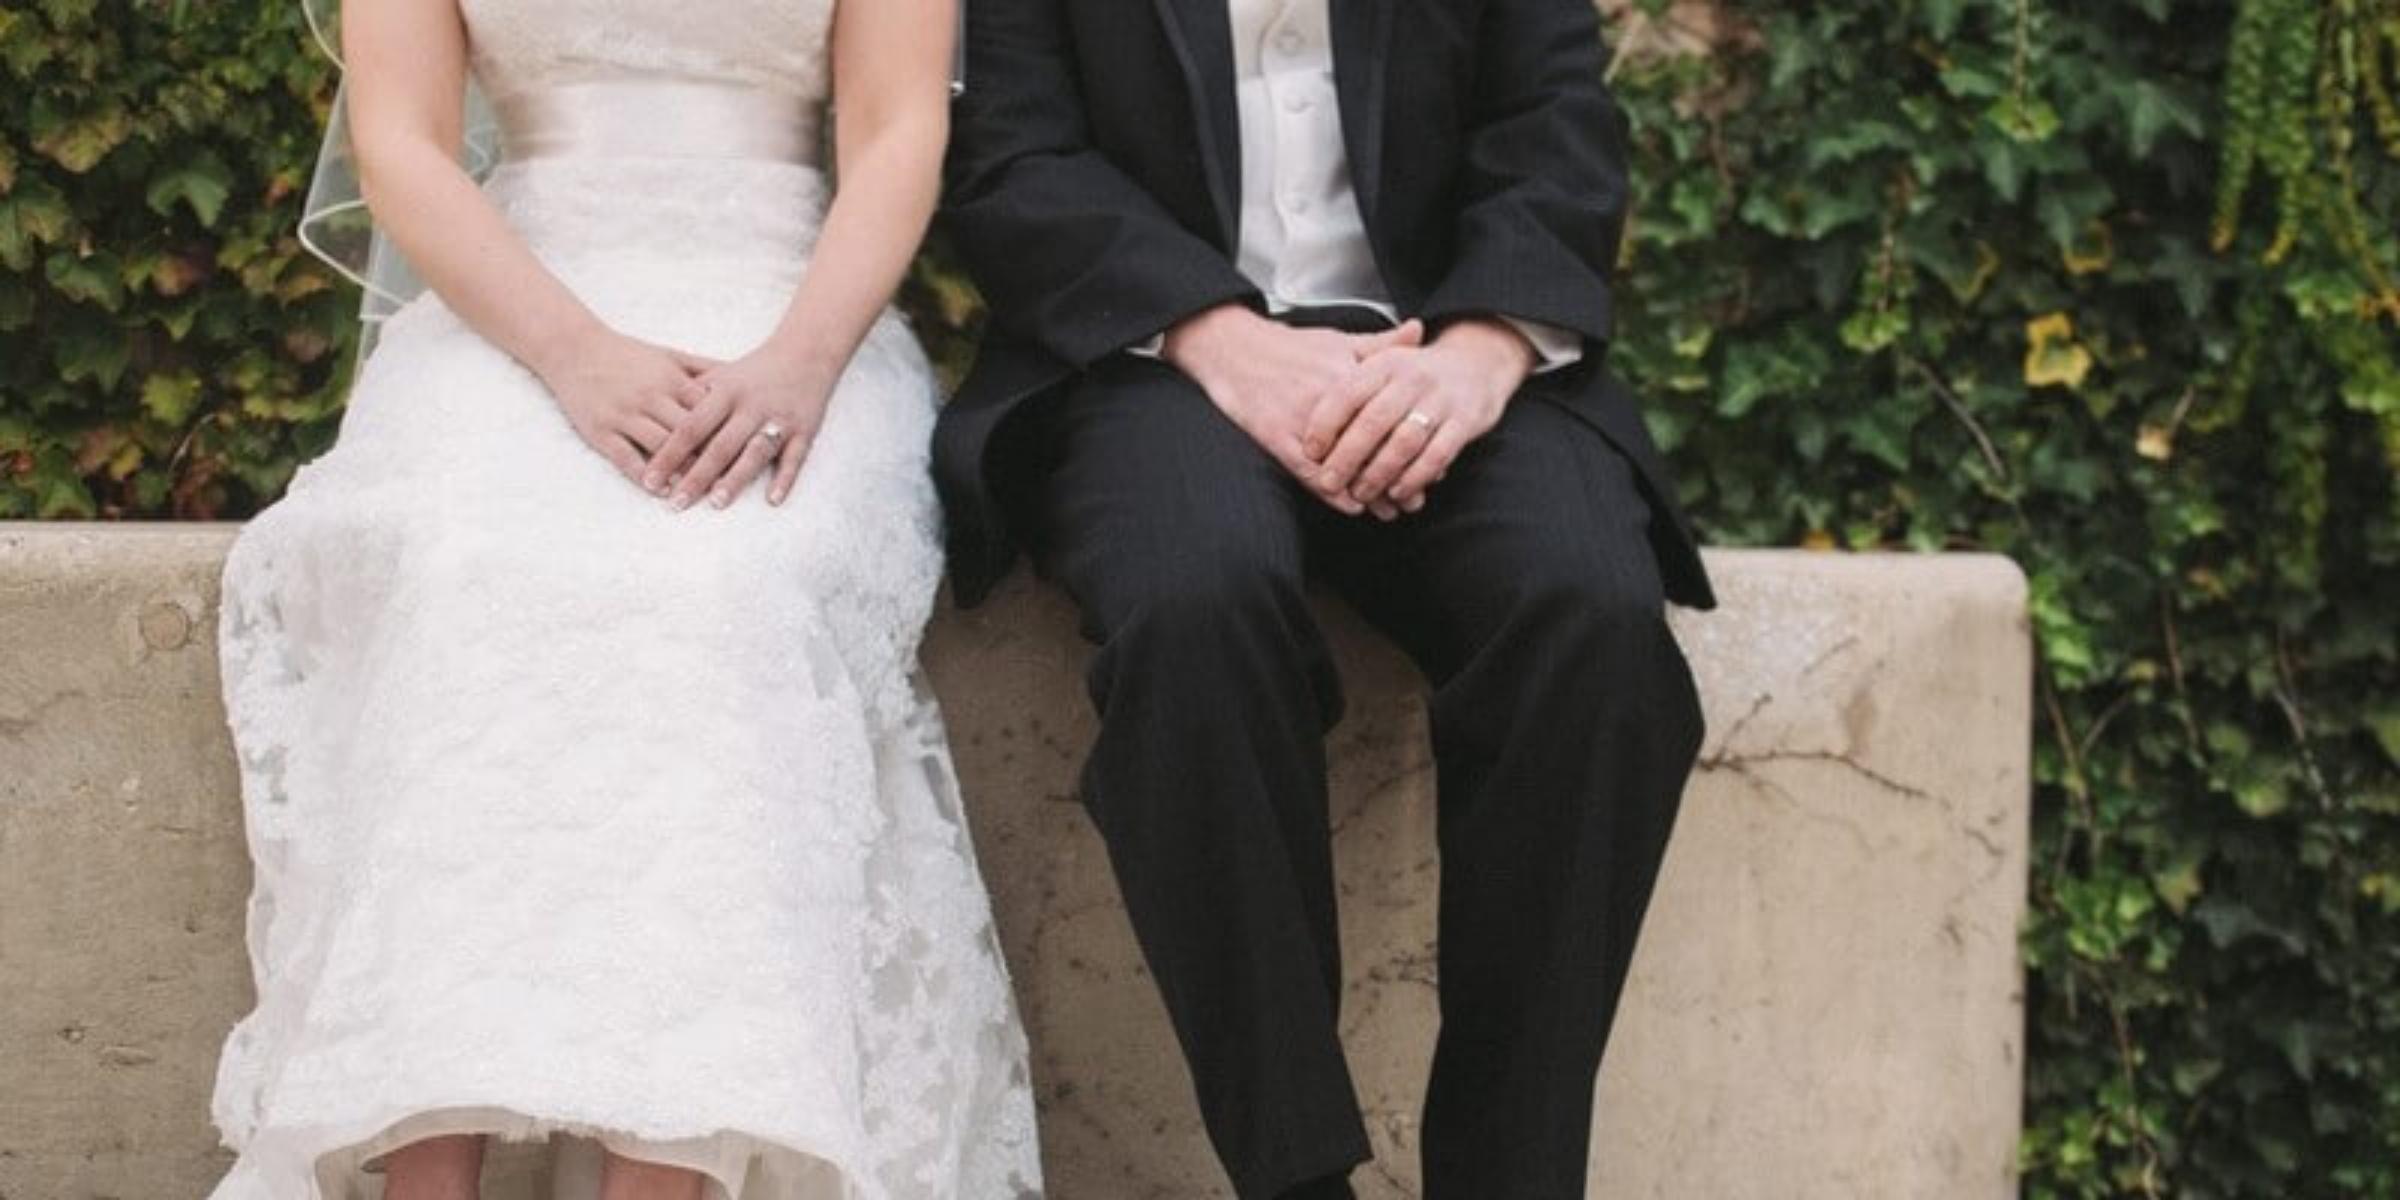 Προβλήματα γάμου: Τα πιο συνηθισμένα ζητήματα και πώς να τα αντιμετωπίσεις